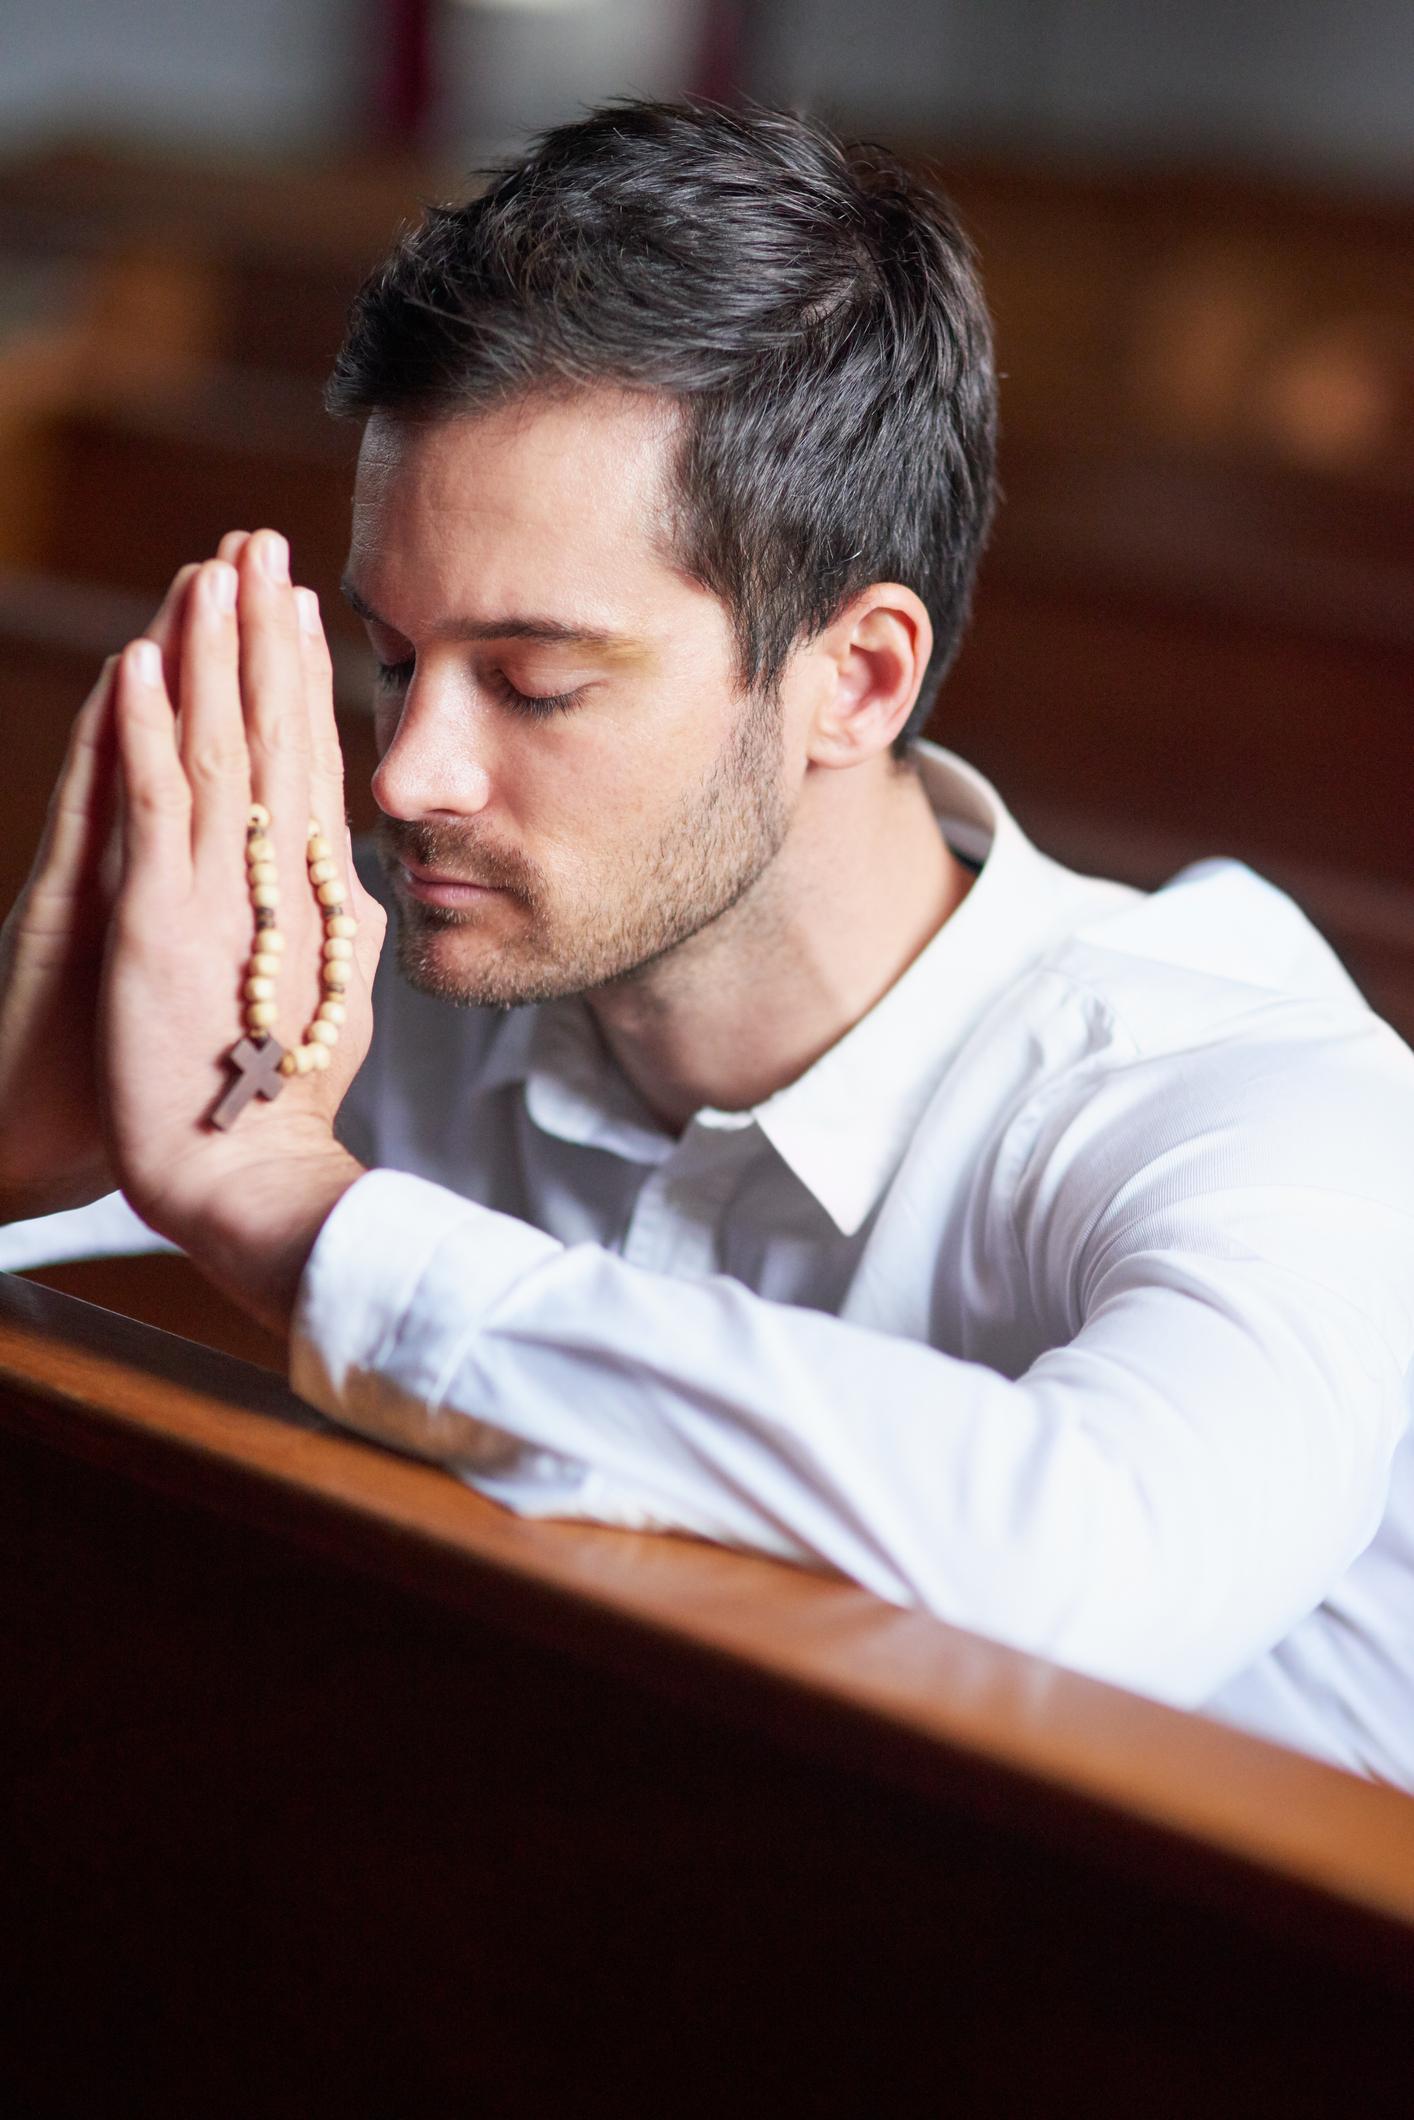 Atheisten unter Generalverdacht